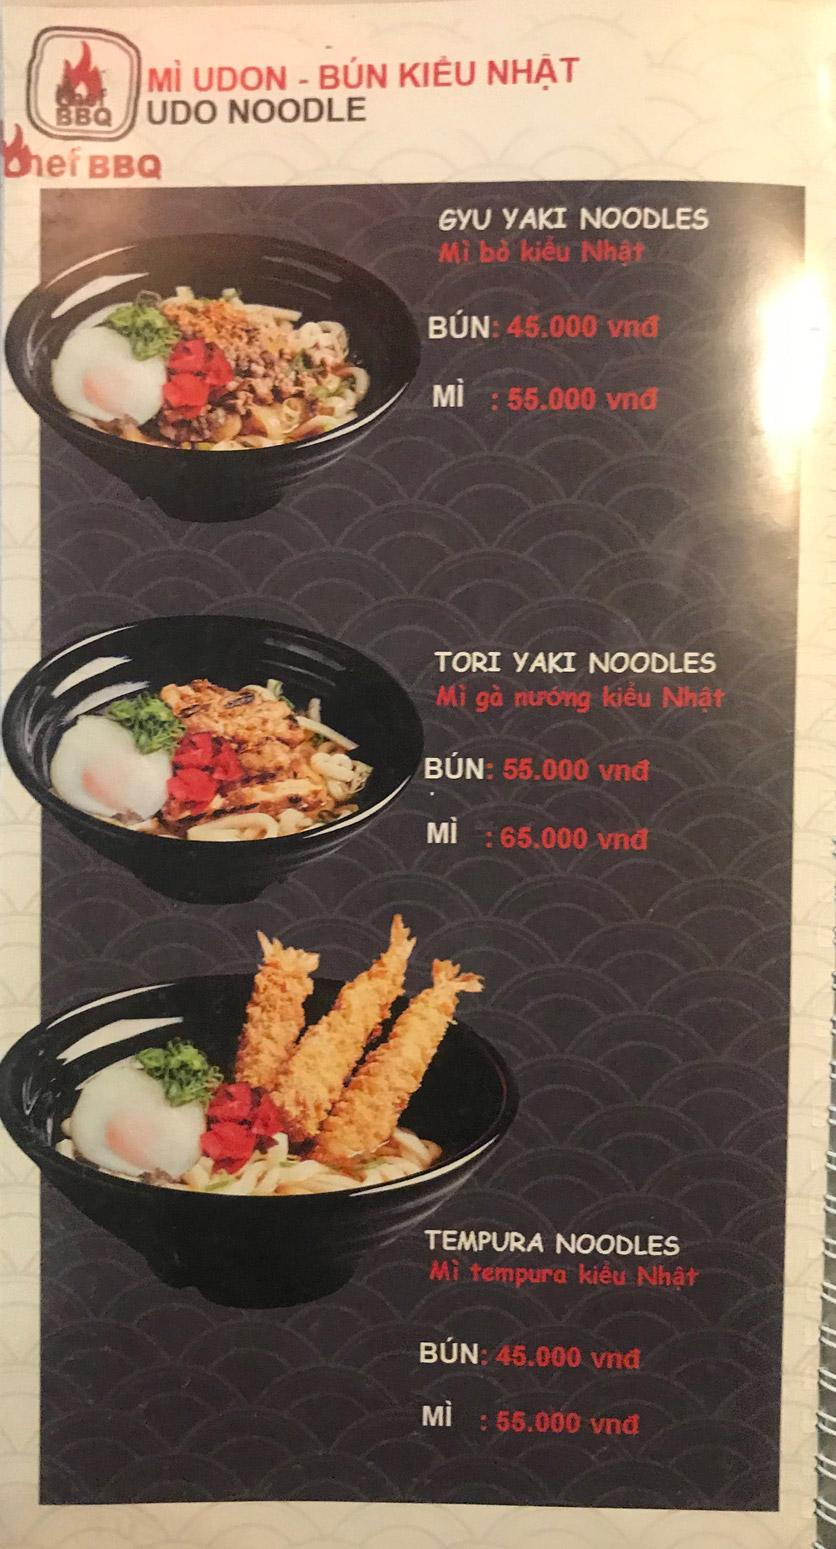 Menu Chef BBQ - Nghĩa Tân 40